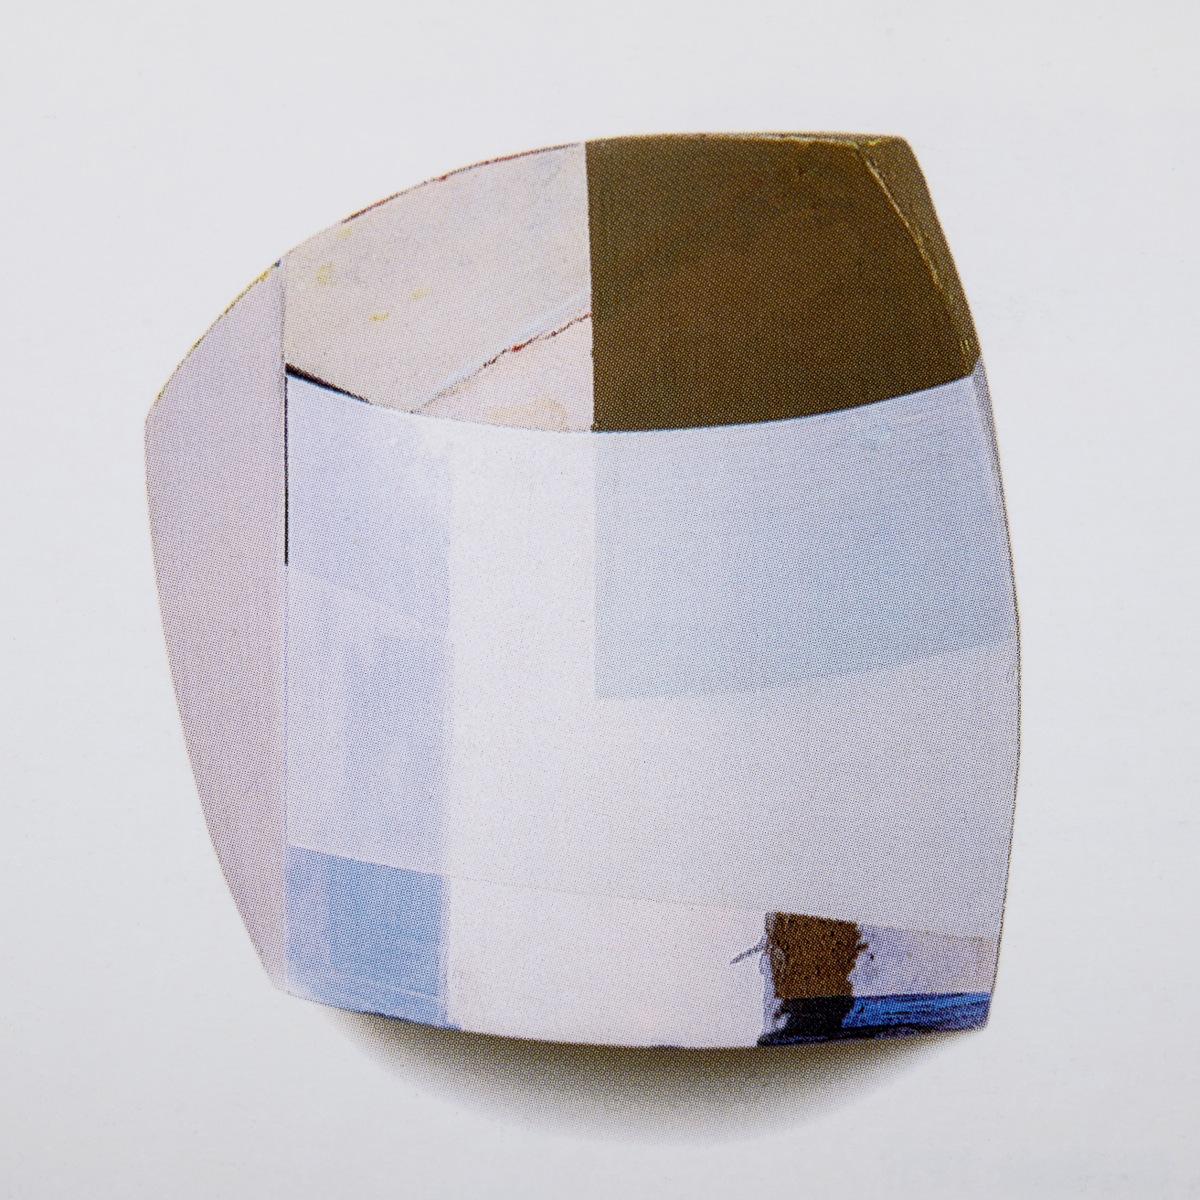 """""""Vom R IV"""", Acrylfarbe, Holz, Pressspan, 33x43x12cm, 1996"""